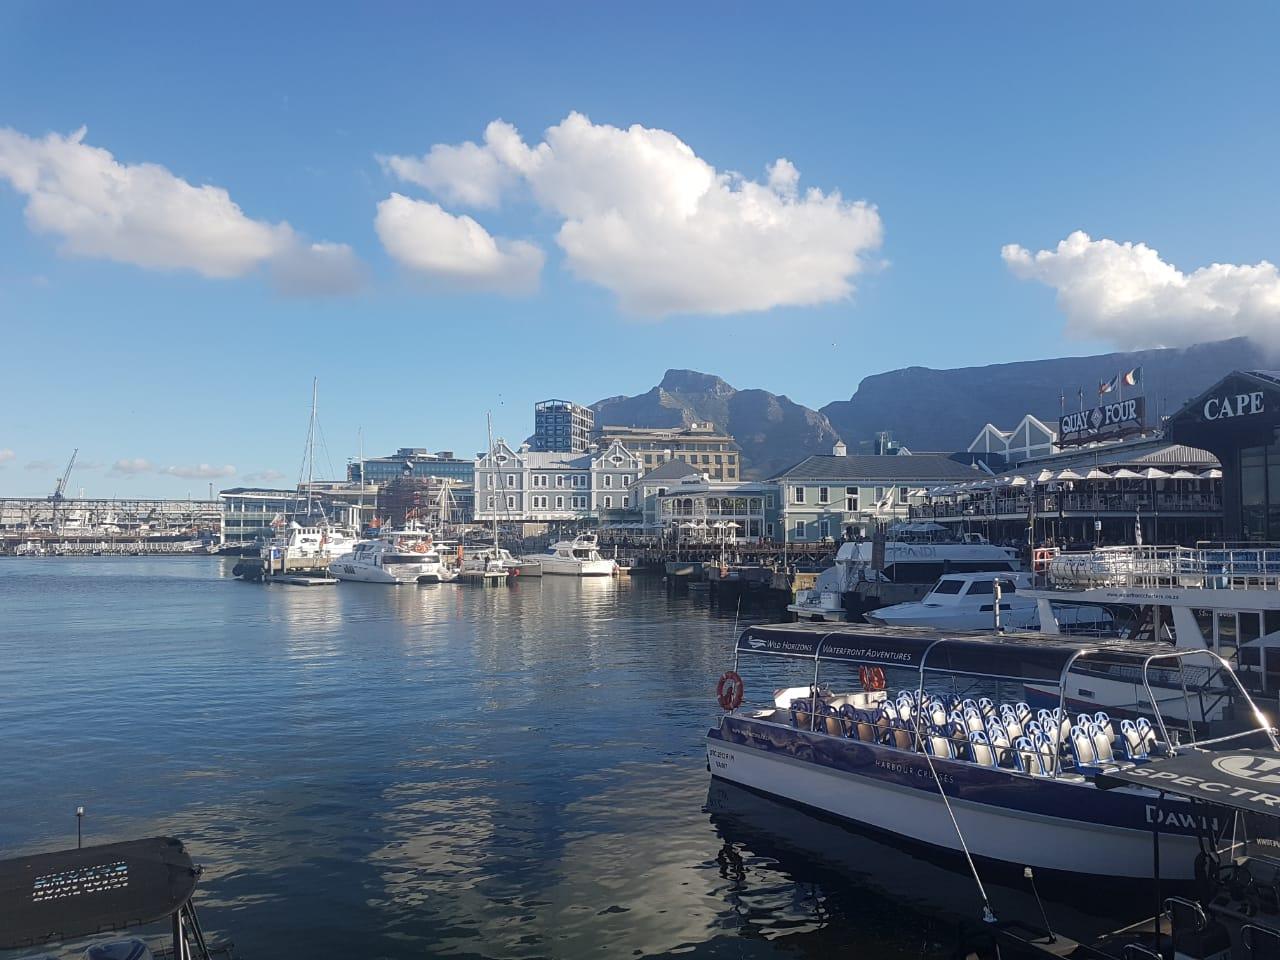 V & A Waterfront Kapstadt